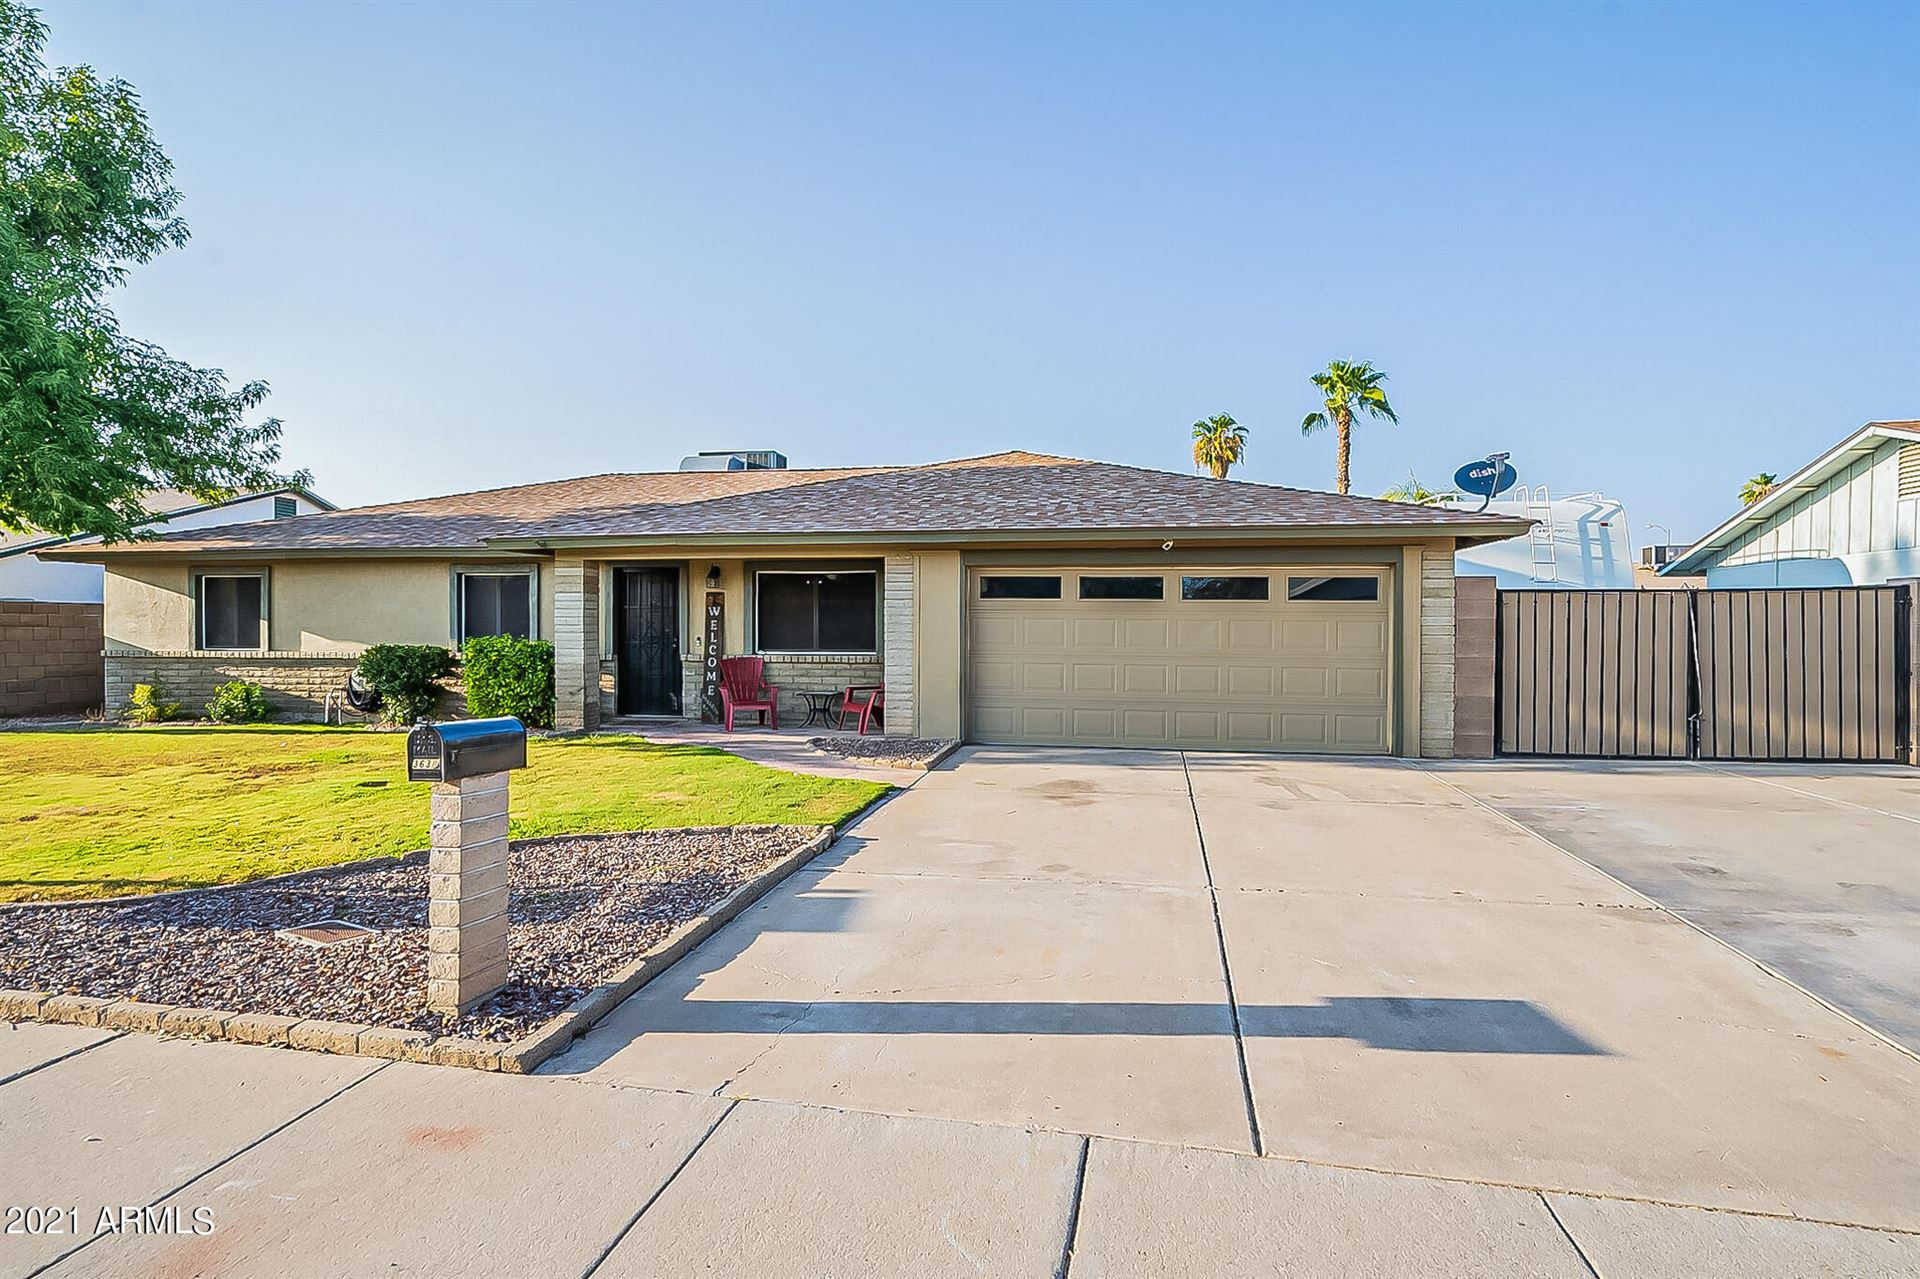 3638 W BLUEFIELD Avenue, Glendale, AZ 85308 - MLS#: 6294605